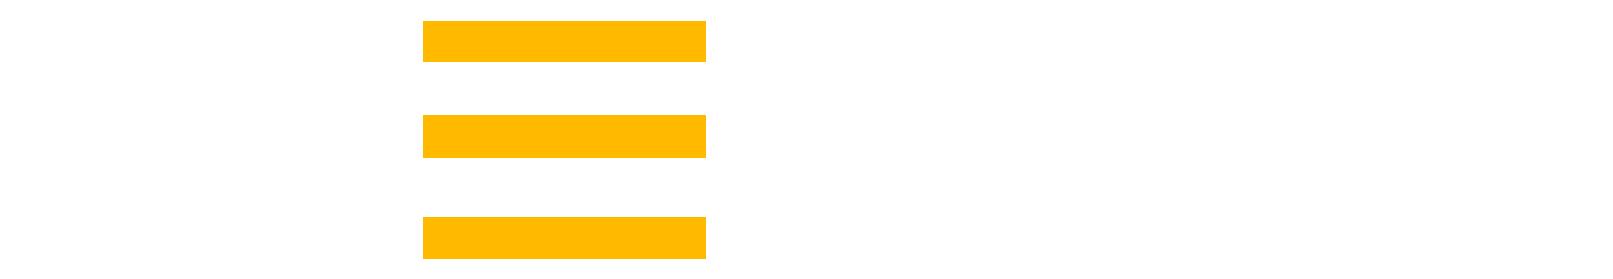 BE_EDGE